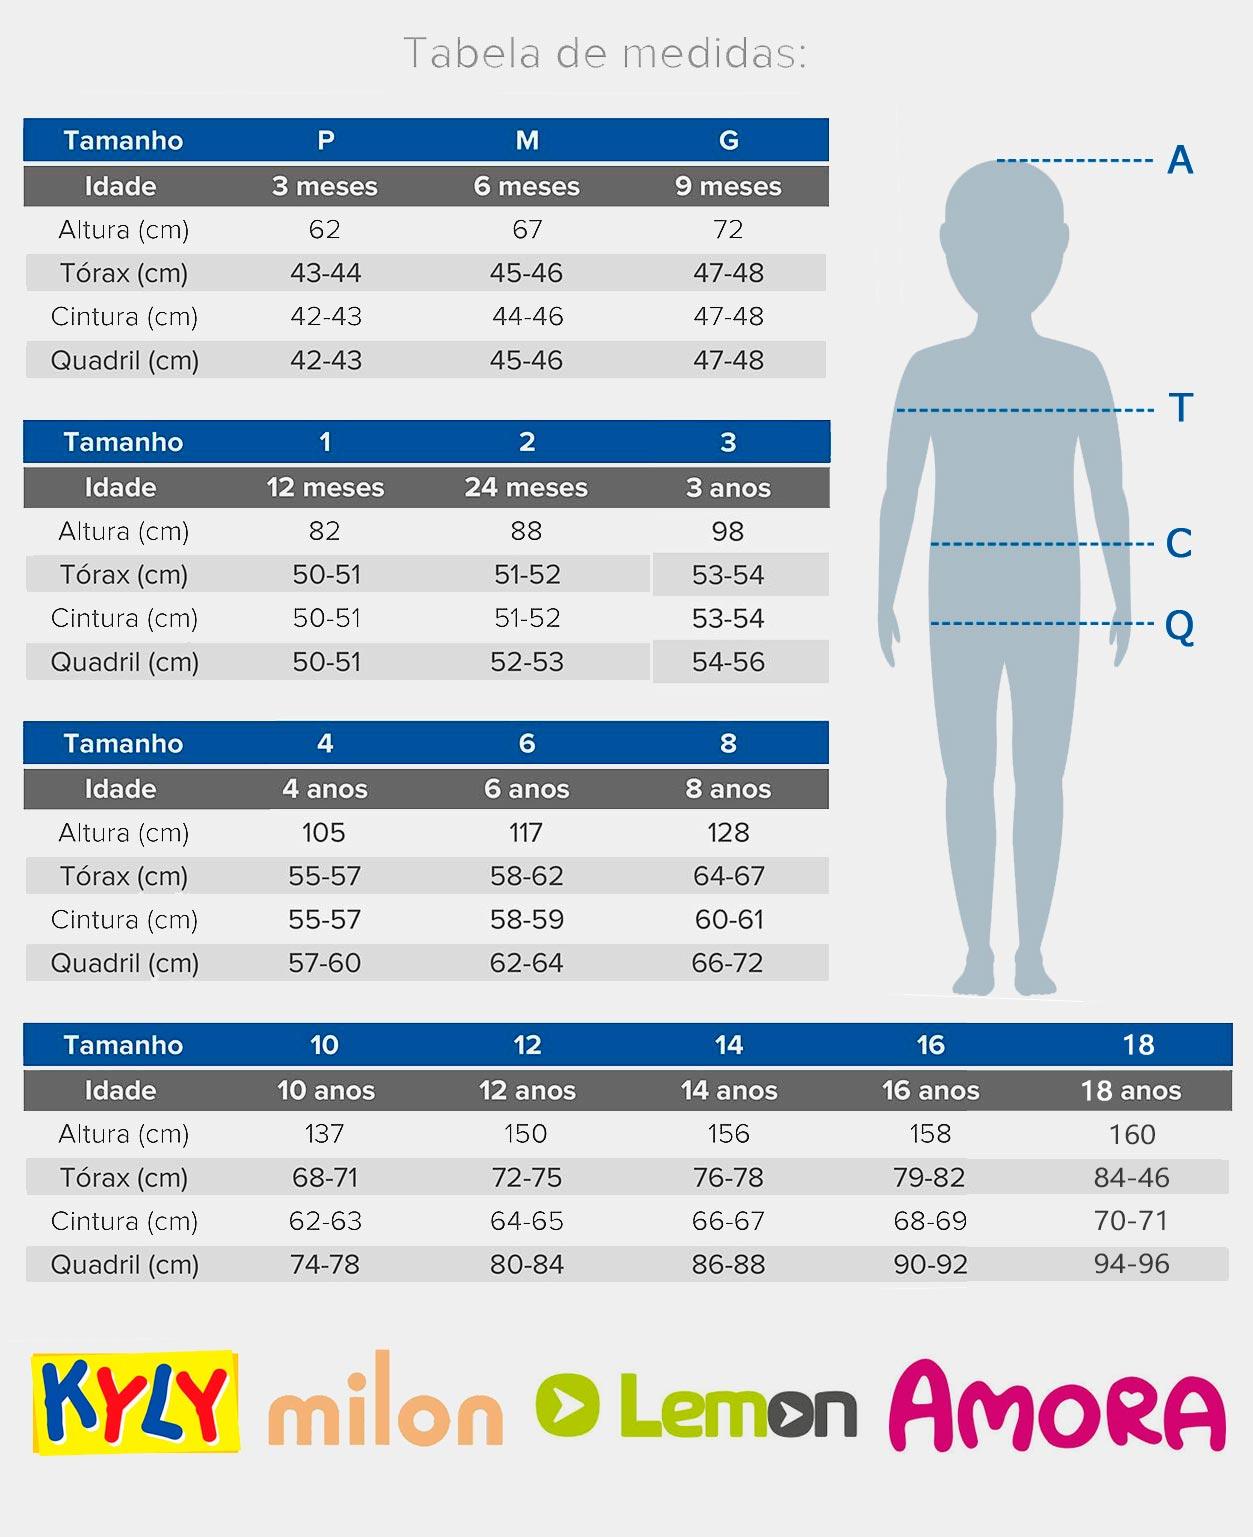 Conjunto Infantil Masculino Verão Azul Wild Kyly: Tabela de medidas